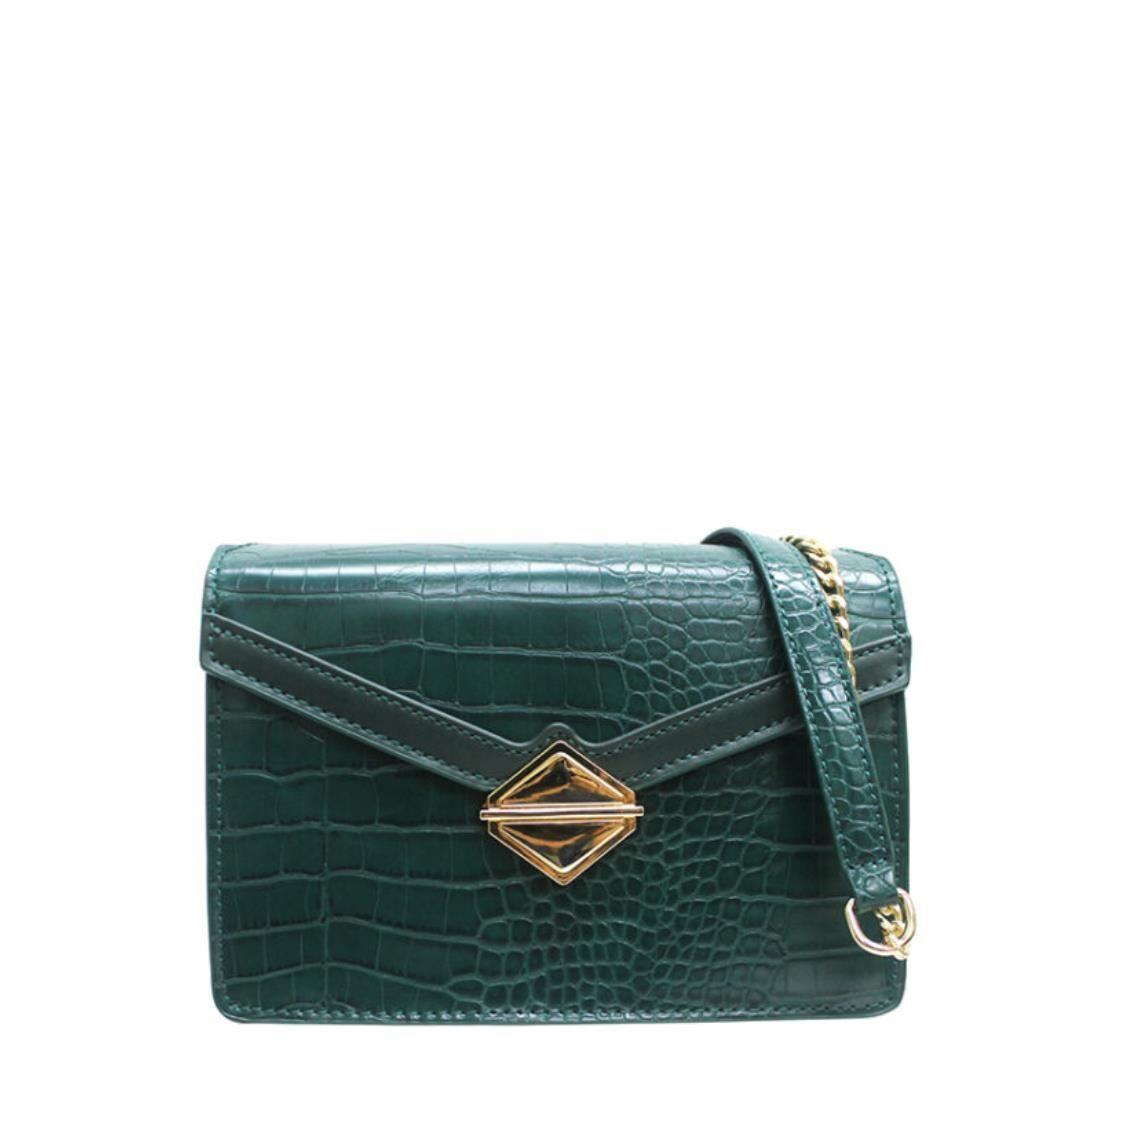 Sembonia Croc-Embossed Messenger Bag Emerald 63174-001-16